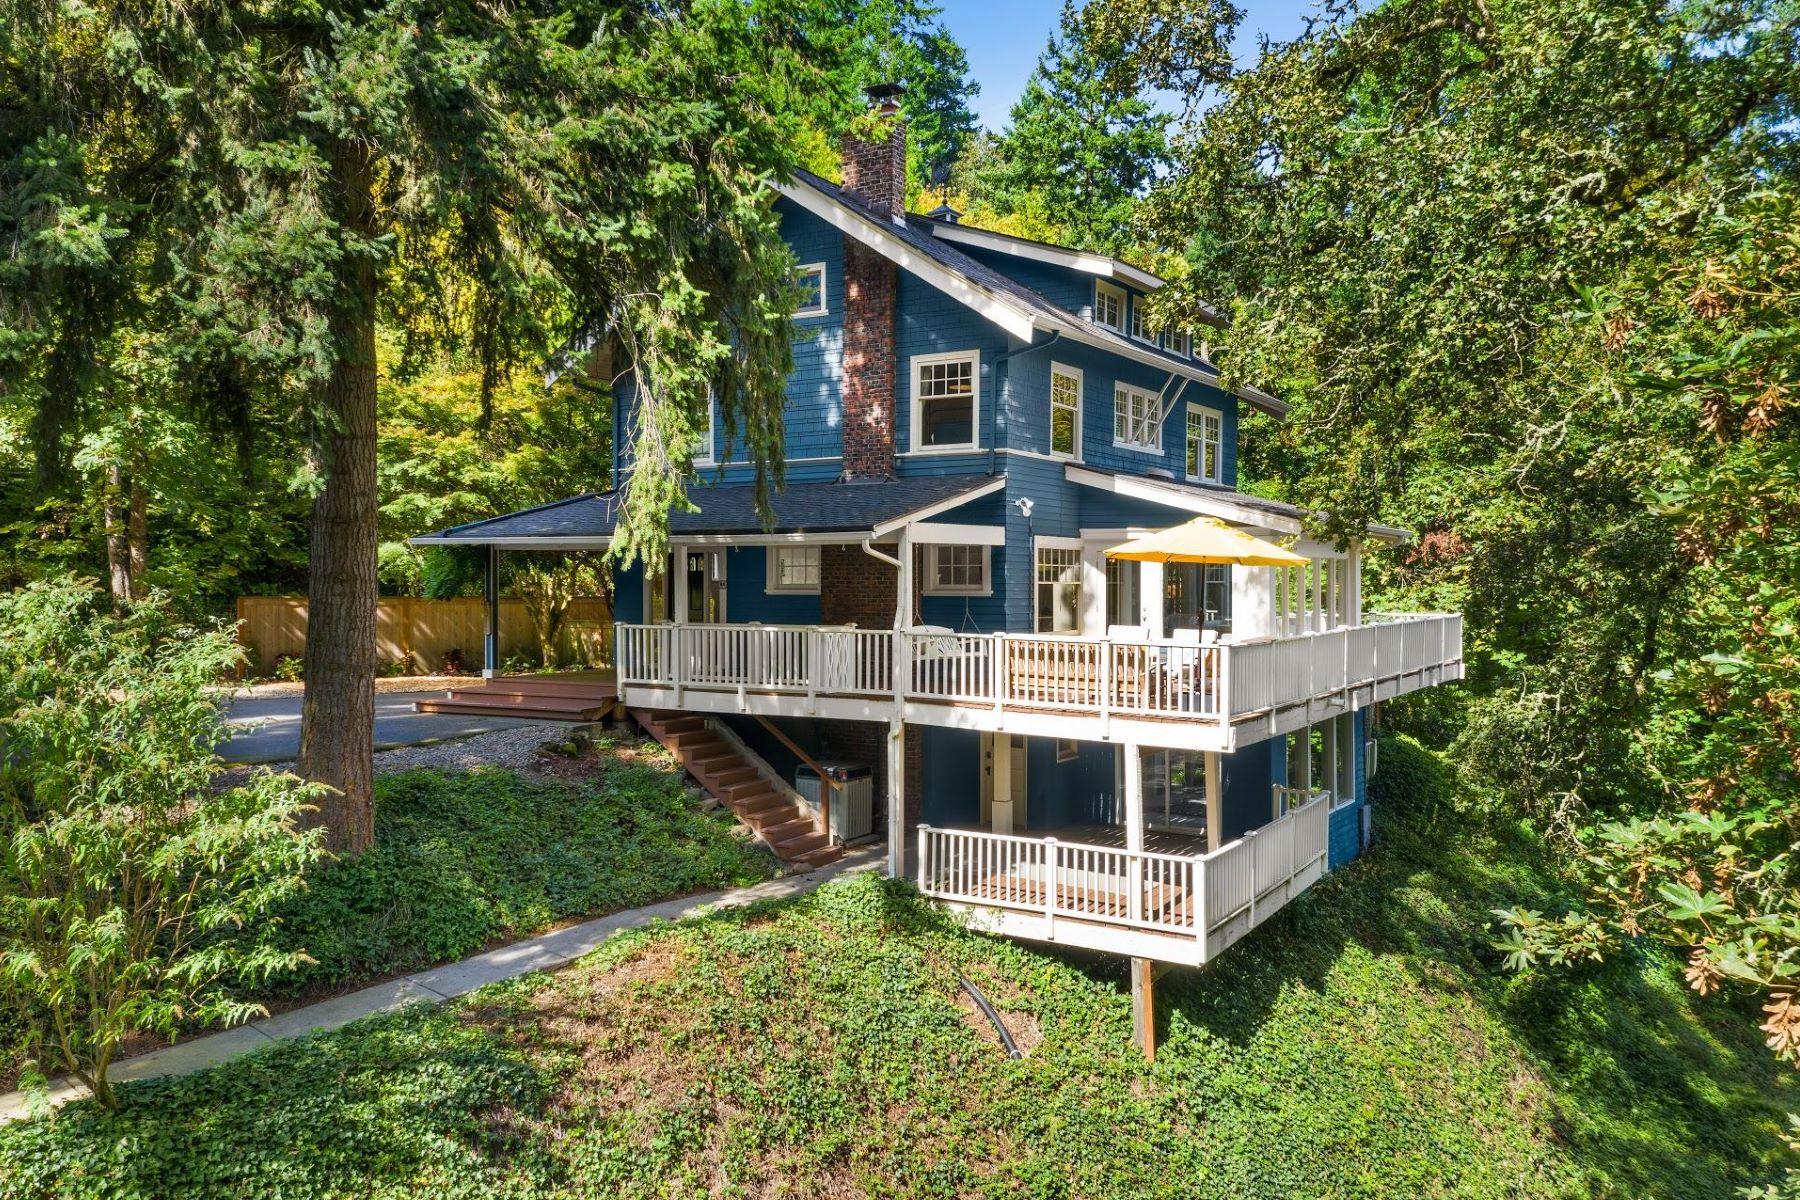 Other Residential Homes για την Πώληση στο 13711 FIELDING RD Lake Oswego, OR 97034 Lake Oswego, Ορεγκον 97034 Ηνωμένες Πολιτείες